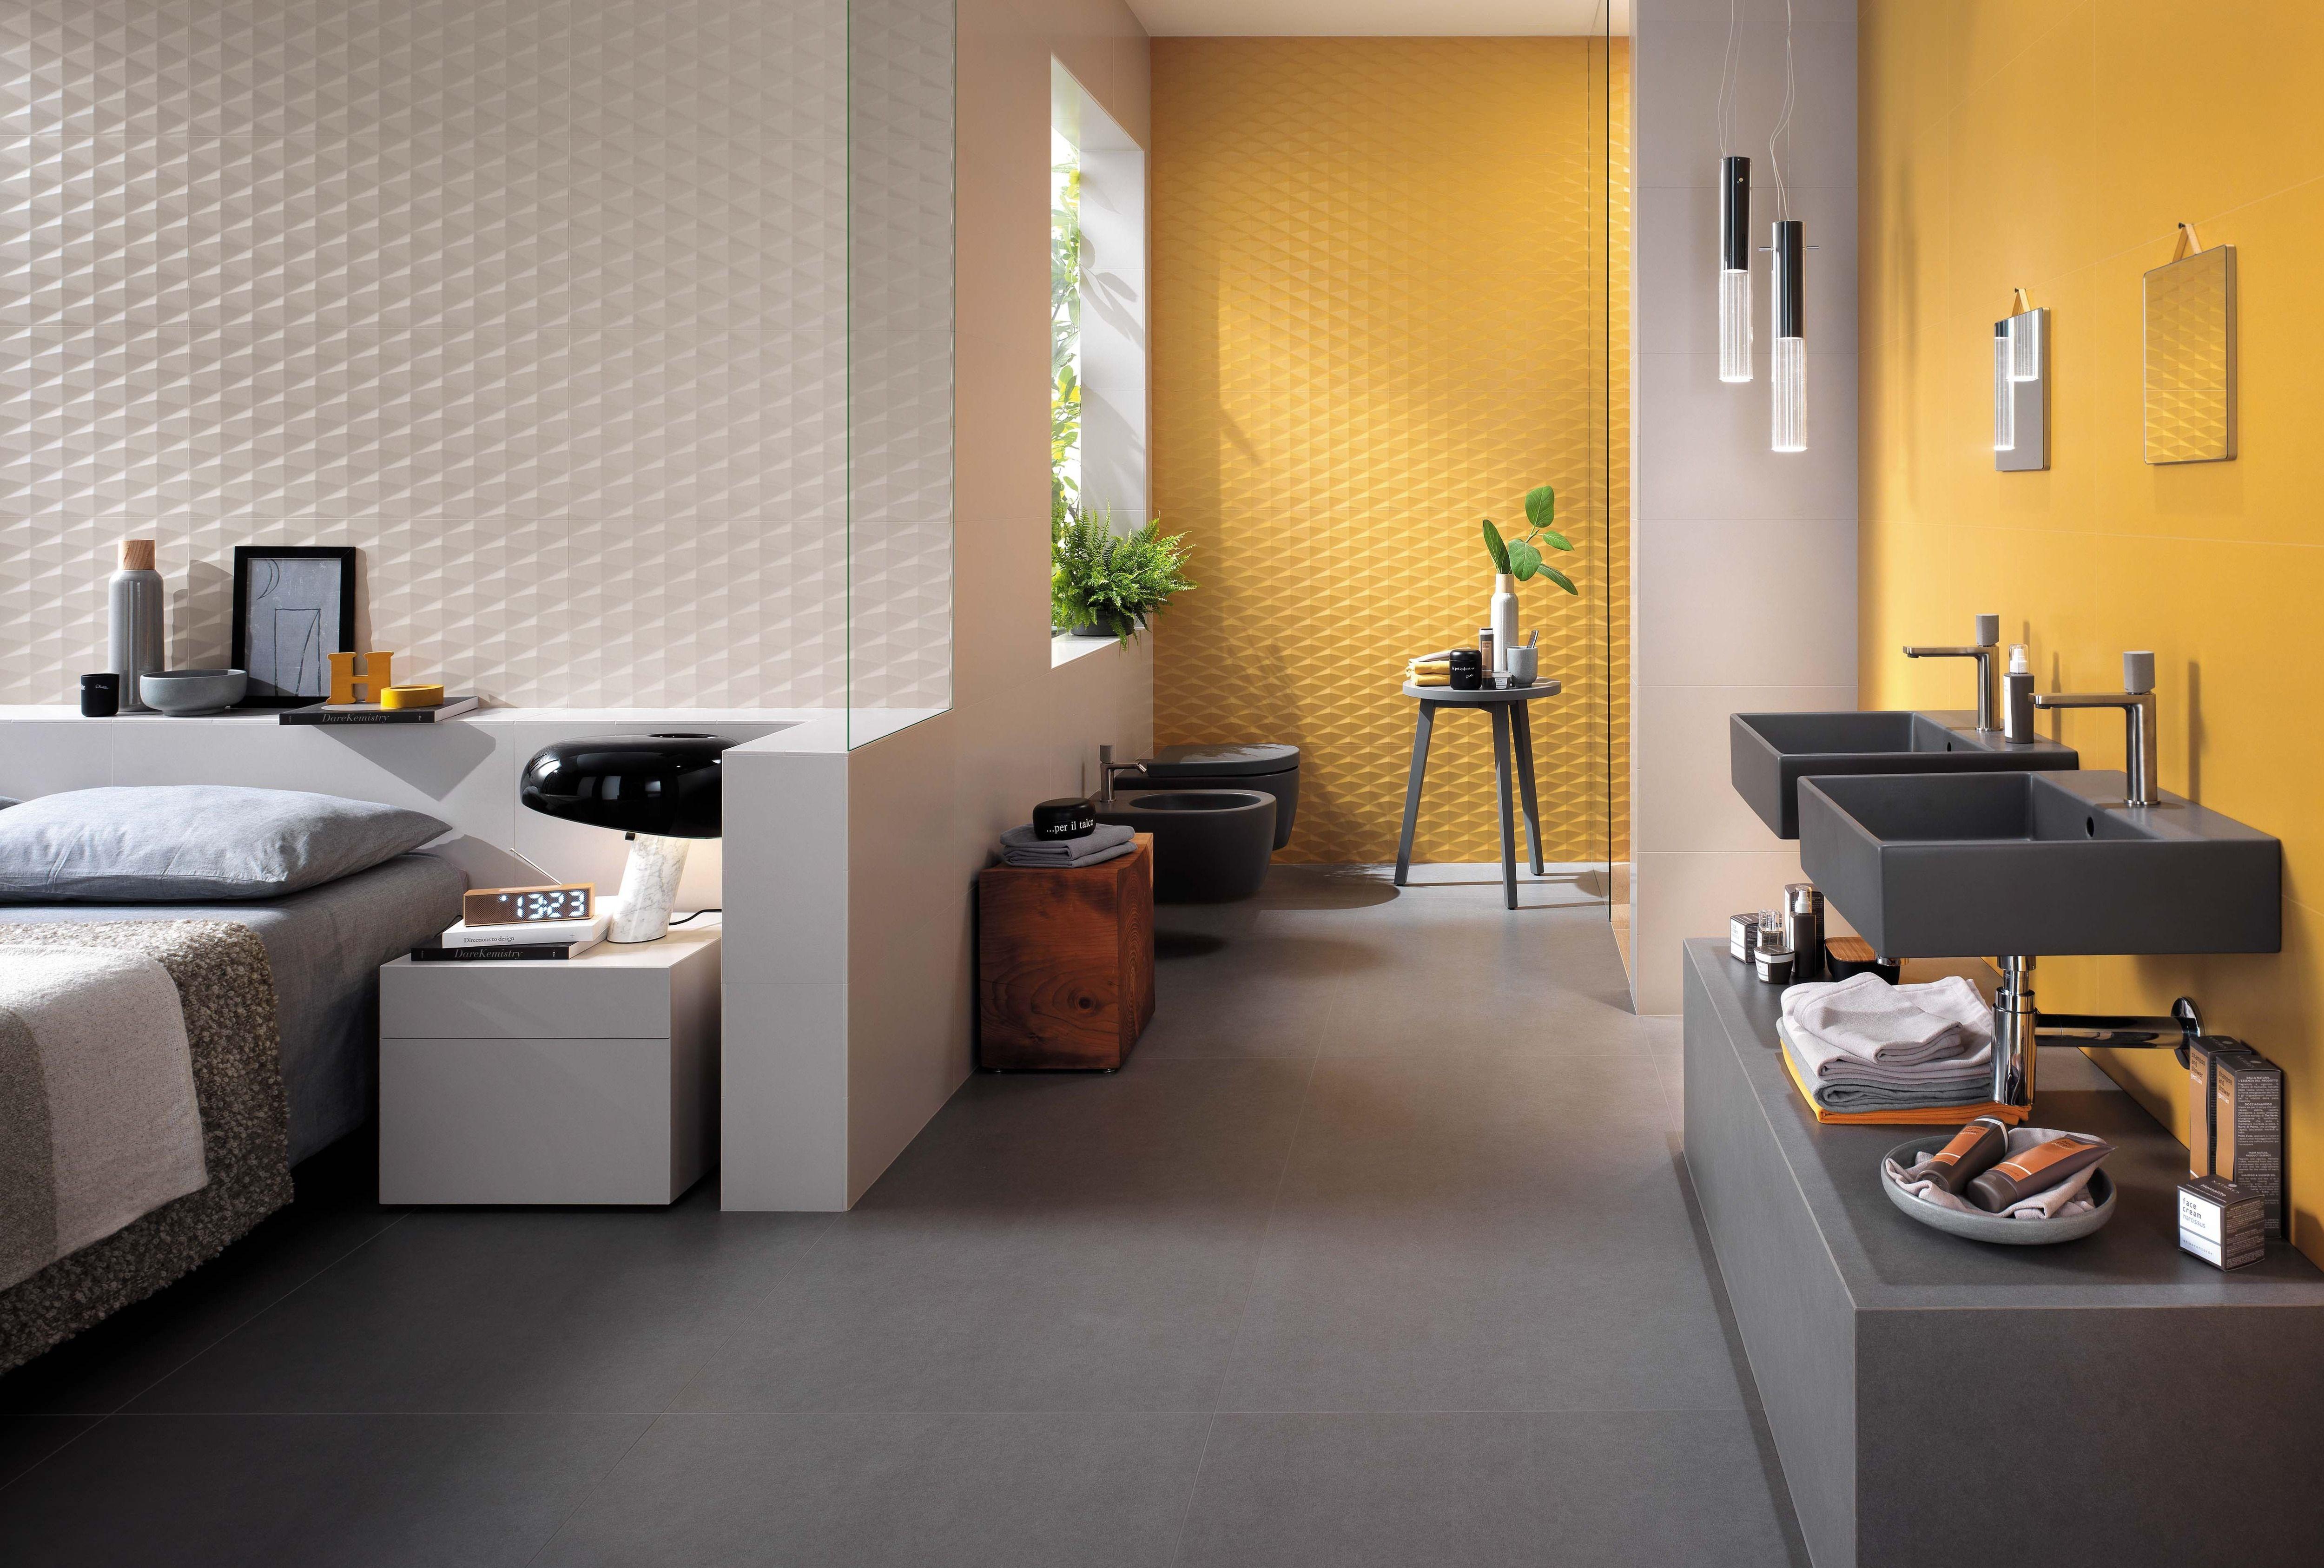 Carrelage et faïence pour chambre à coucher | Revetement salle de bain, Carrelage imitation bois ...